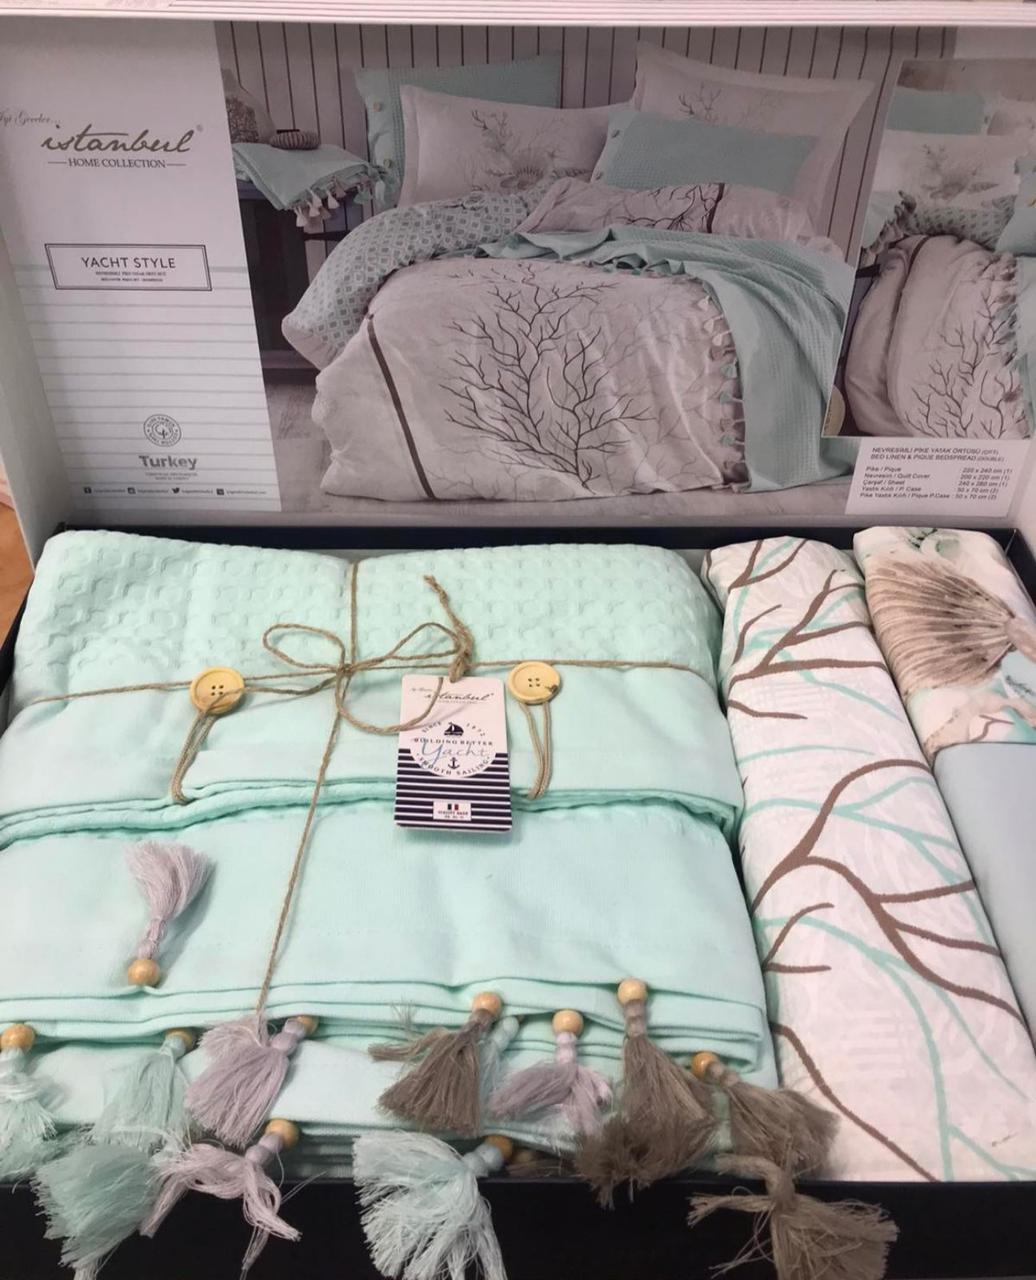 Комплект Хлопкового Постельное Белья Ранфорс C Летним Вафельным Покрывалом-Пледом Евро Размер Турция Istanbul